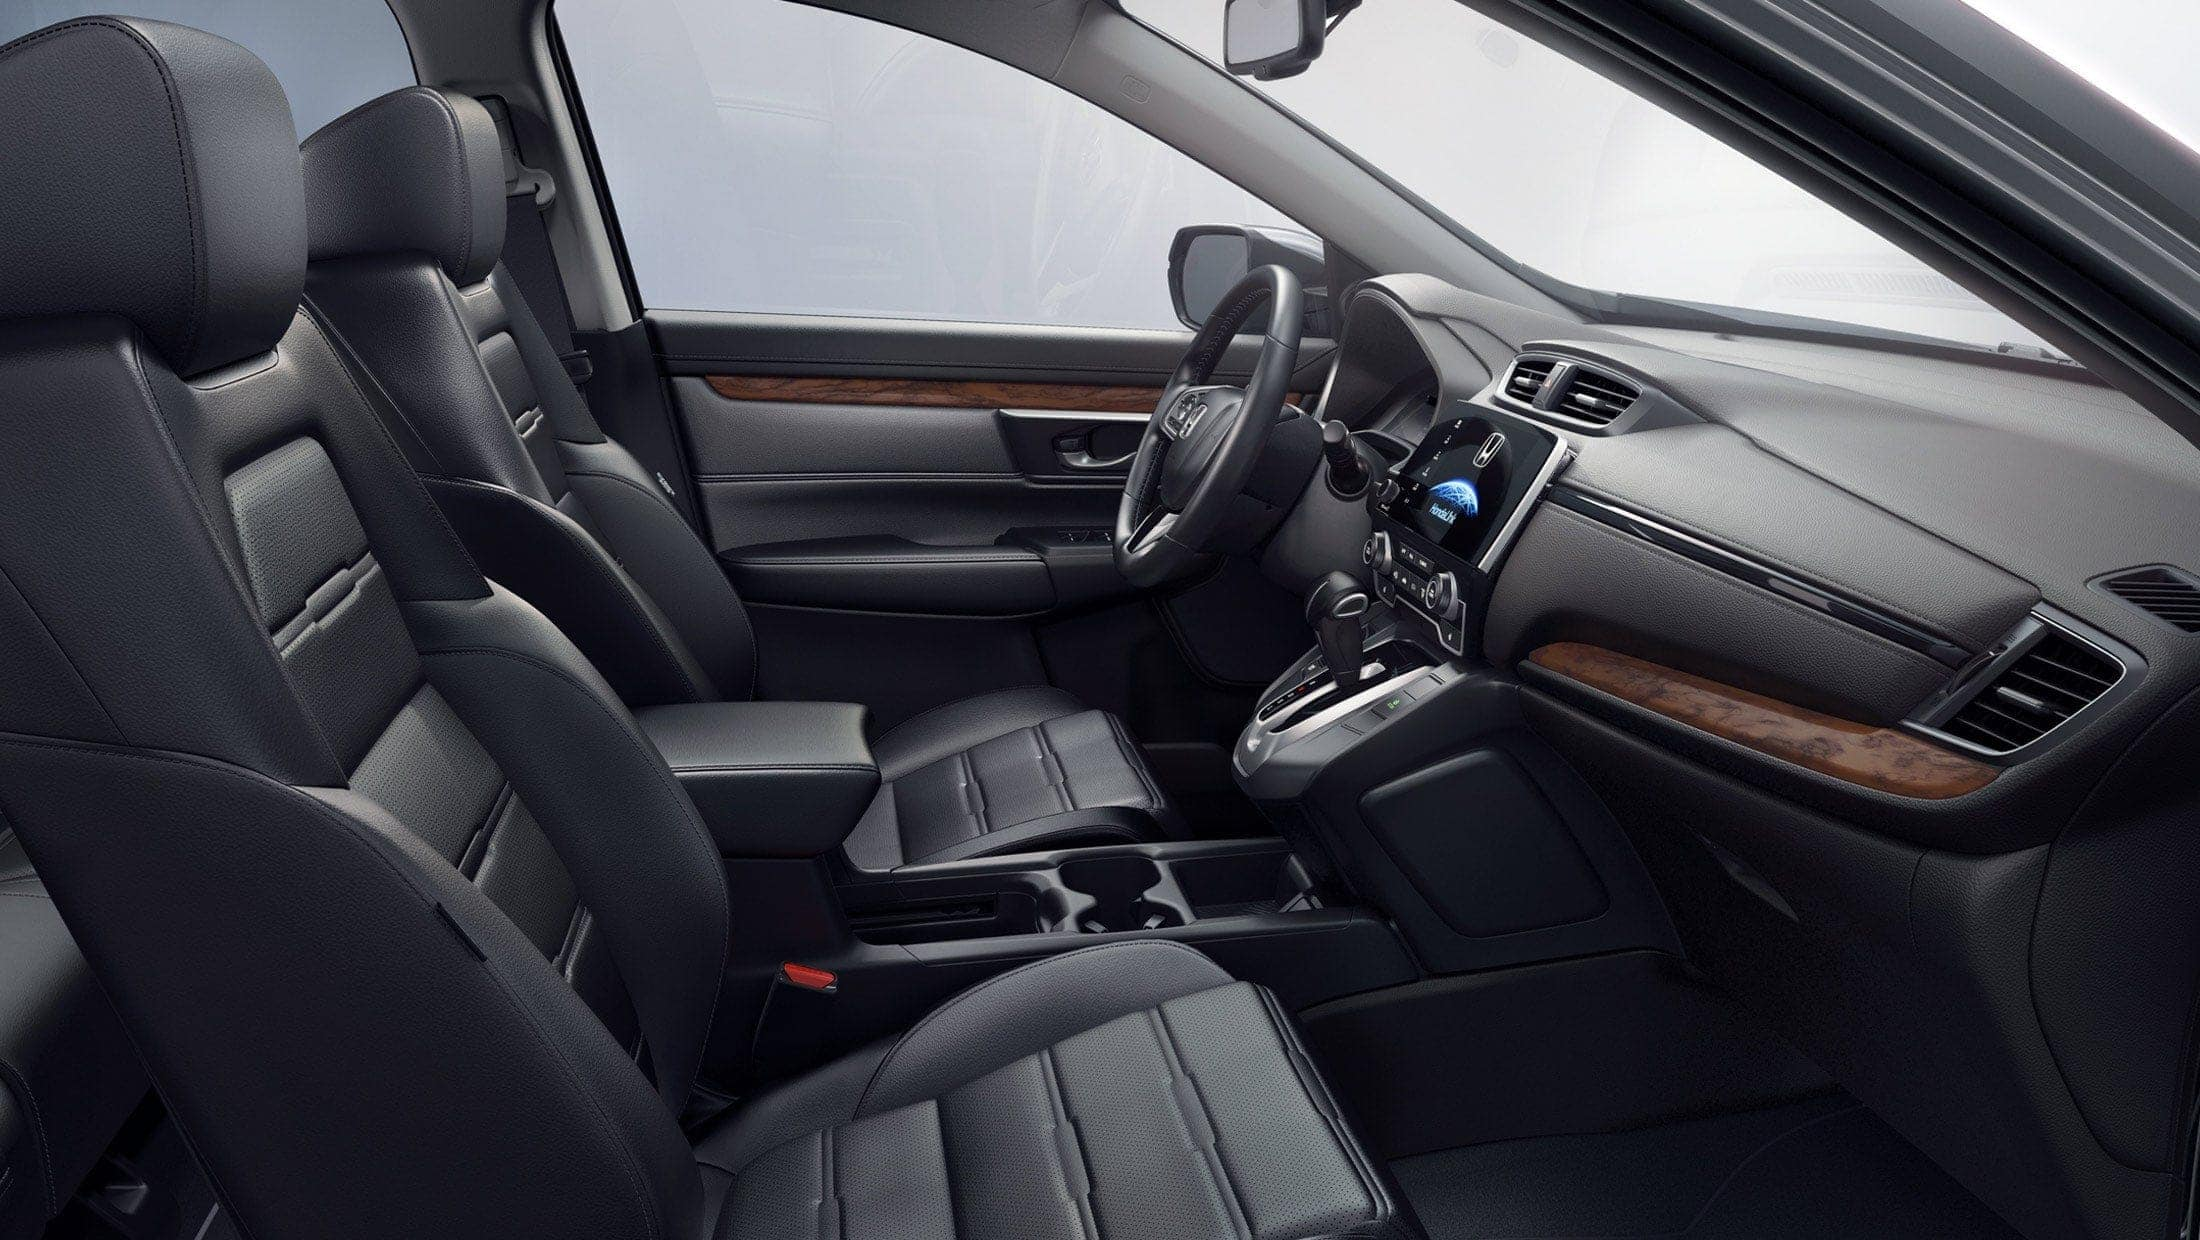 Toma completa del interior de la Honda CR-V2019 con interior tapizado en cuero.